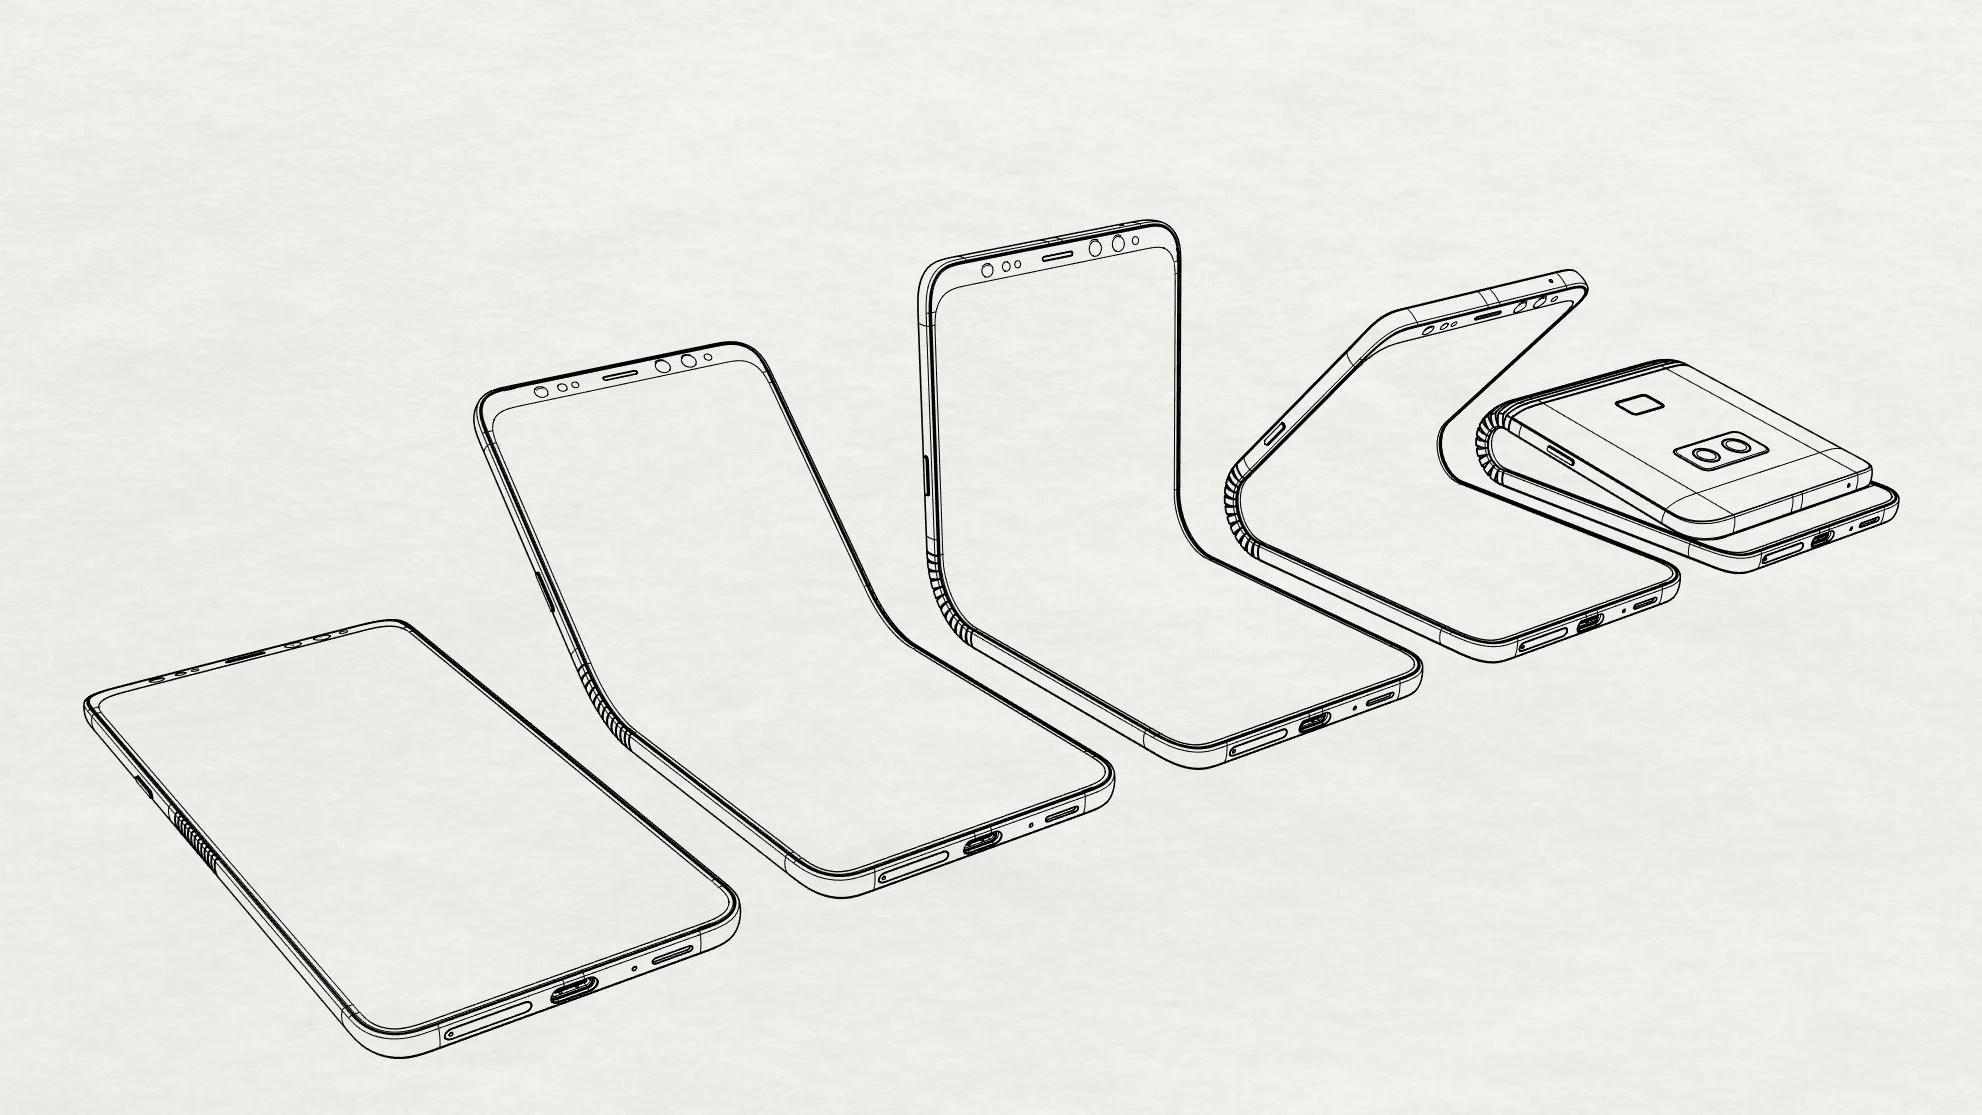 Samsung Galaxy S8 : les icônes et les captures d'écran du